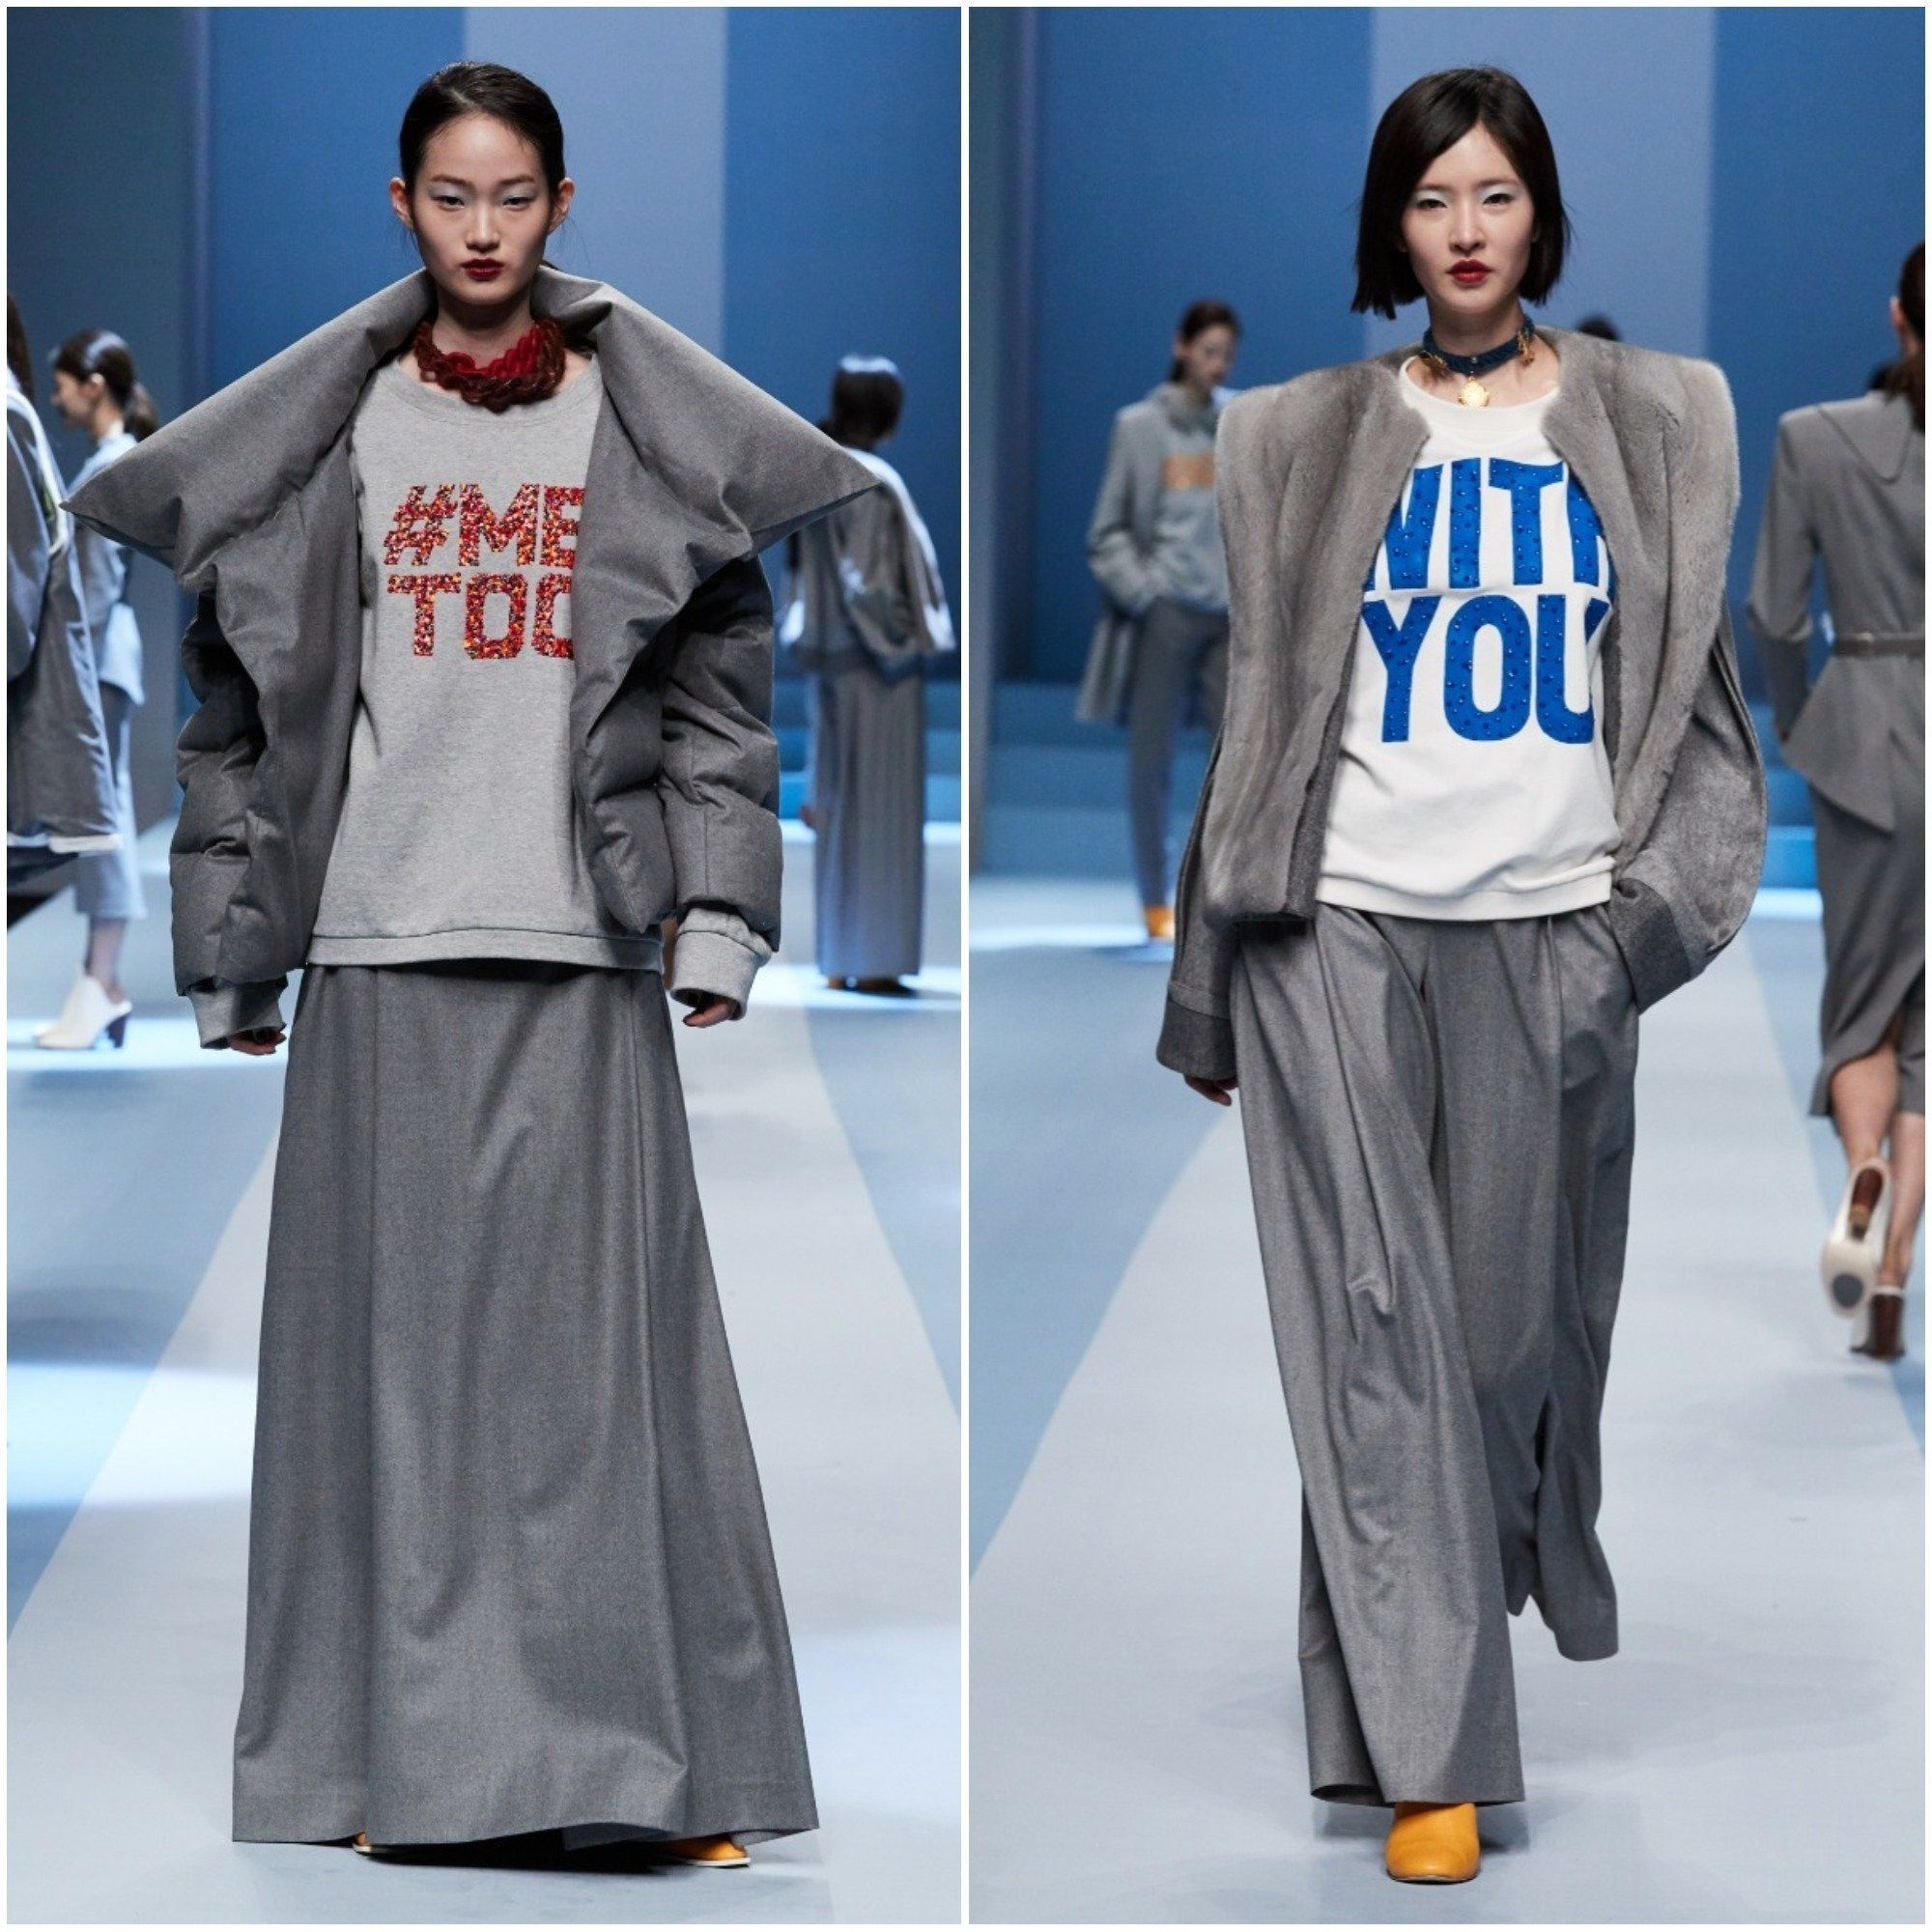 서울패션위크에서 '위드유'를 외친 디자이너가